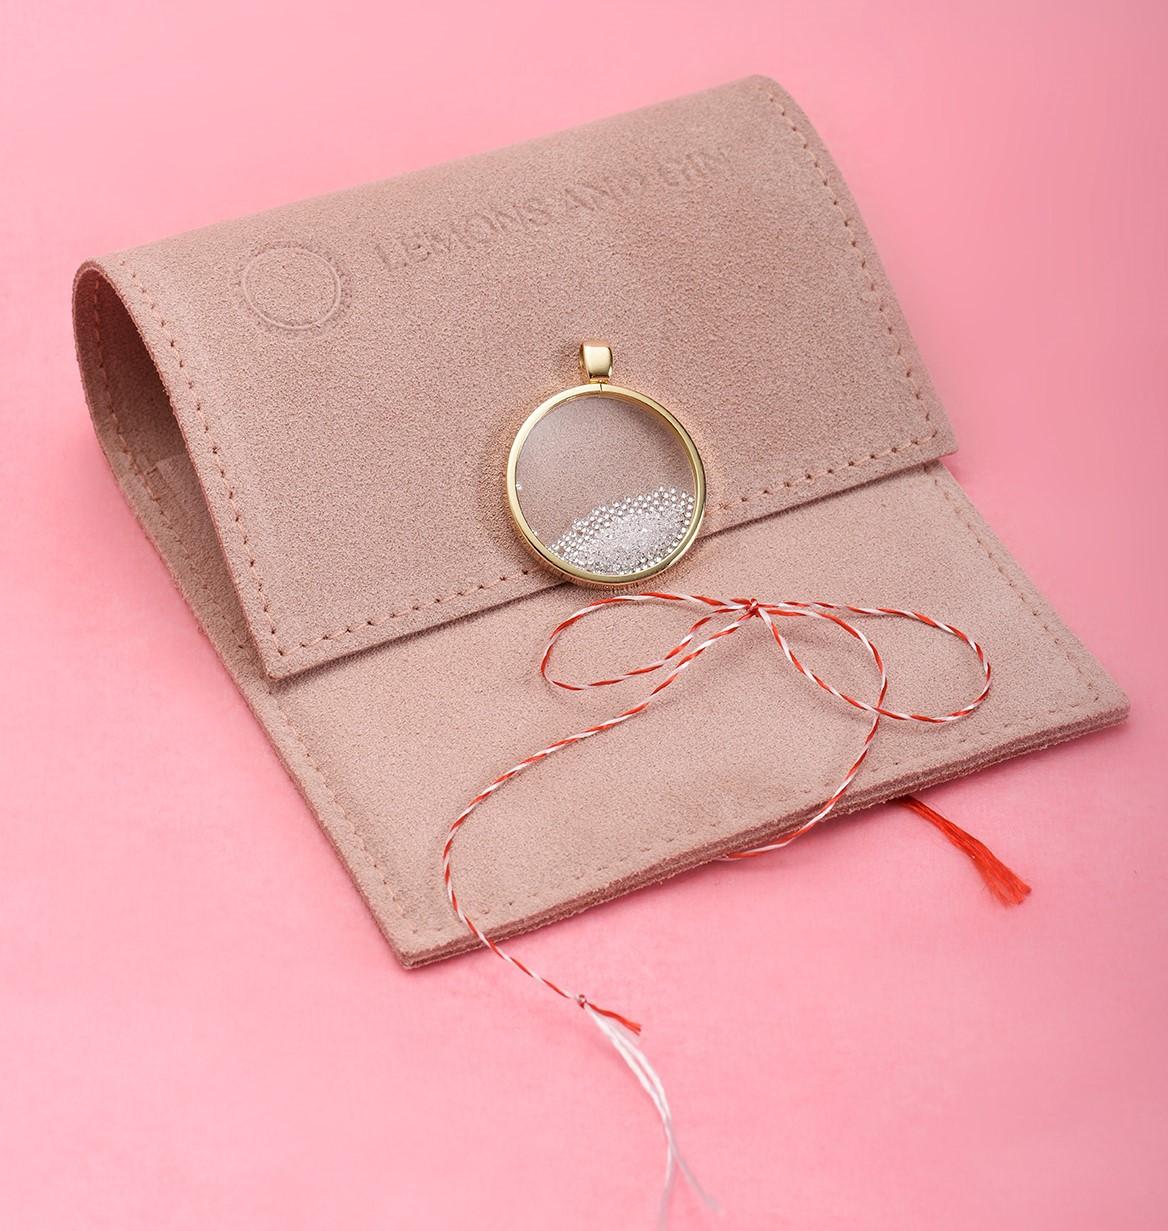 Aranjament pe fundal roz dintr-un plic din piele întoarsă, pandantiv din aur și șnur de mărțișor